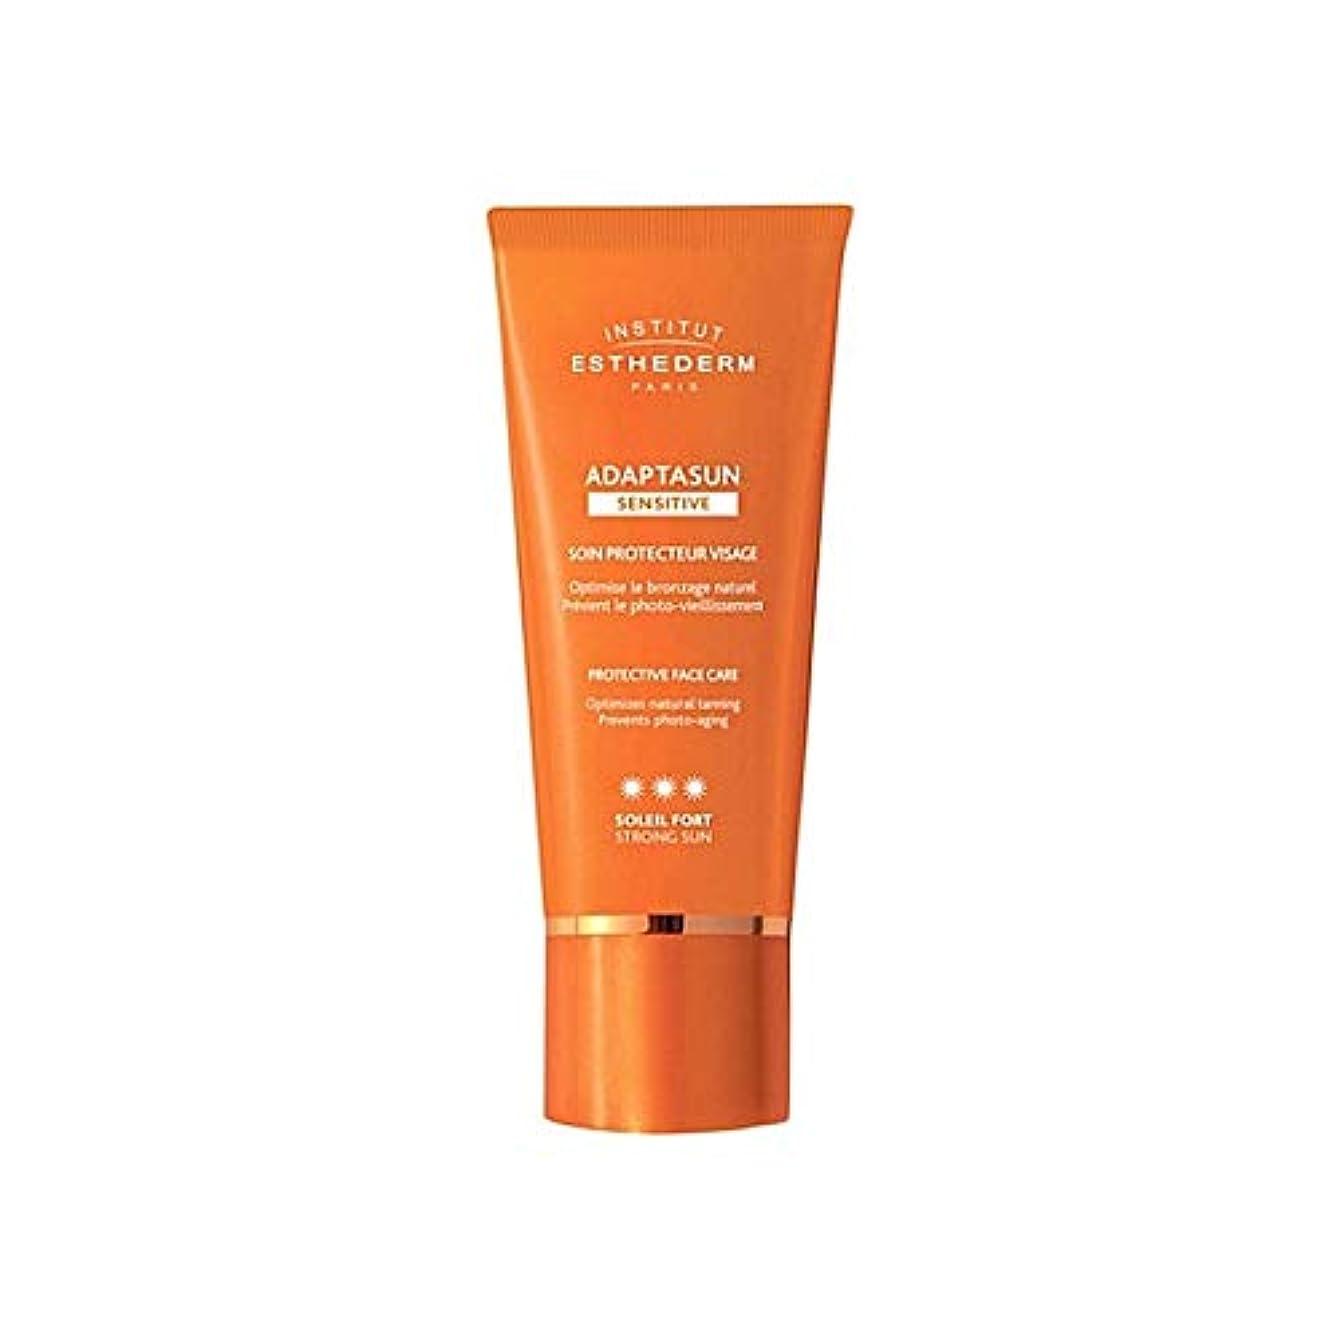 勝利したアイデア減衰[Institut Esthederm] 研究所のEsthedermのAdaptasun敏感肌の強い日顔クリーム50ミリリットル - Institut Esthederm Adaptasun Sensitive Skin Strong Sun Face Cream 50ml [並行輸入品]